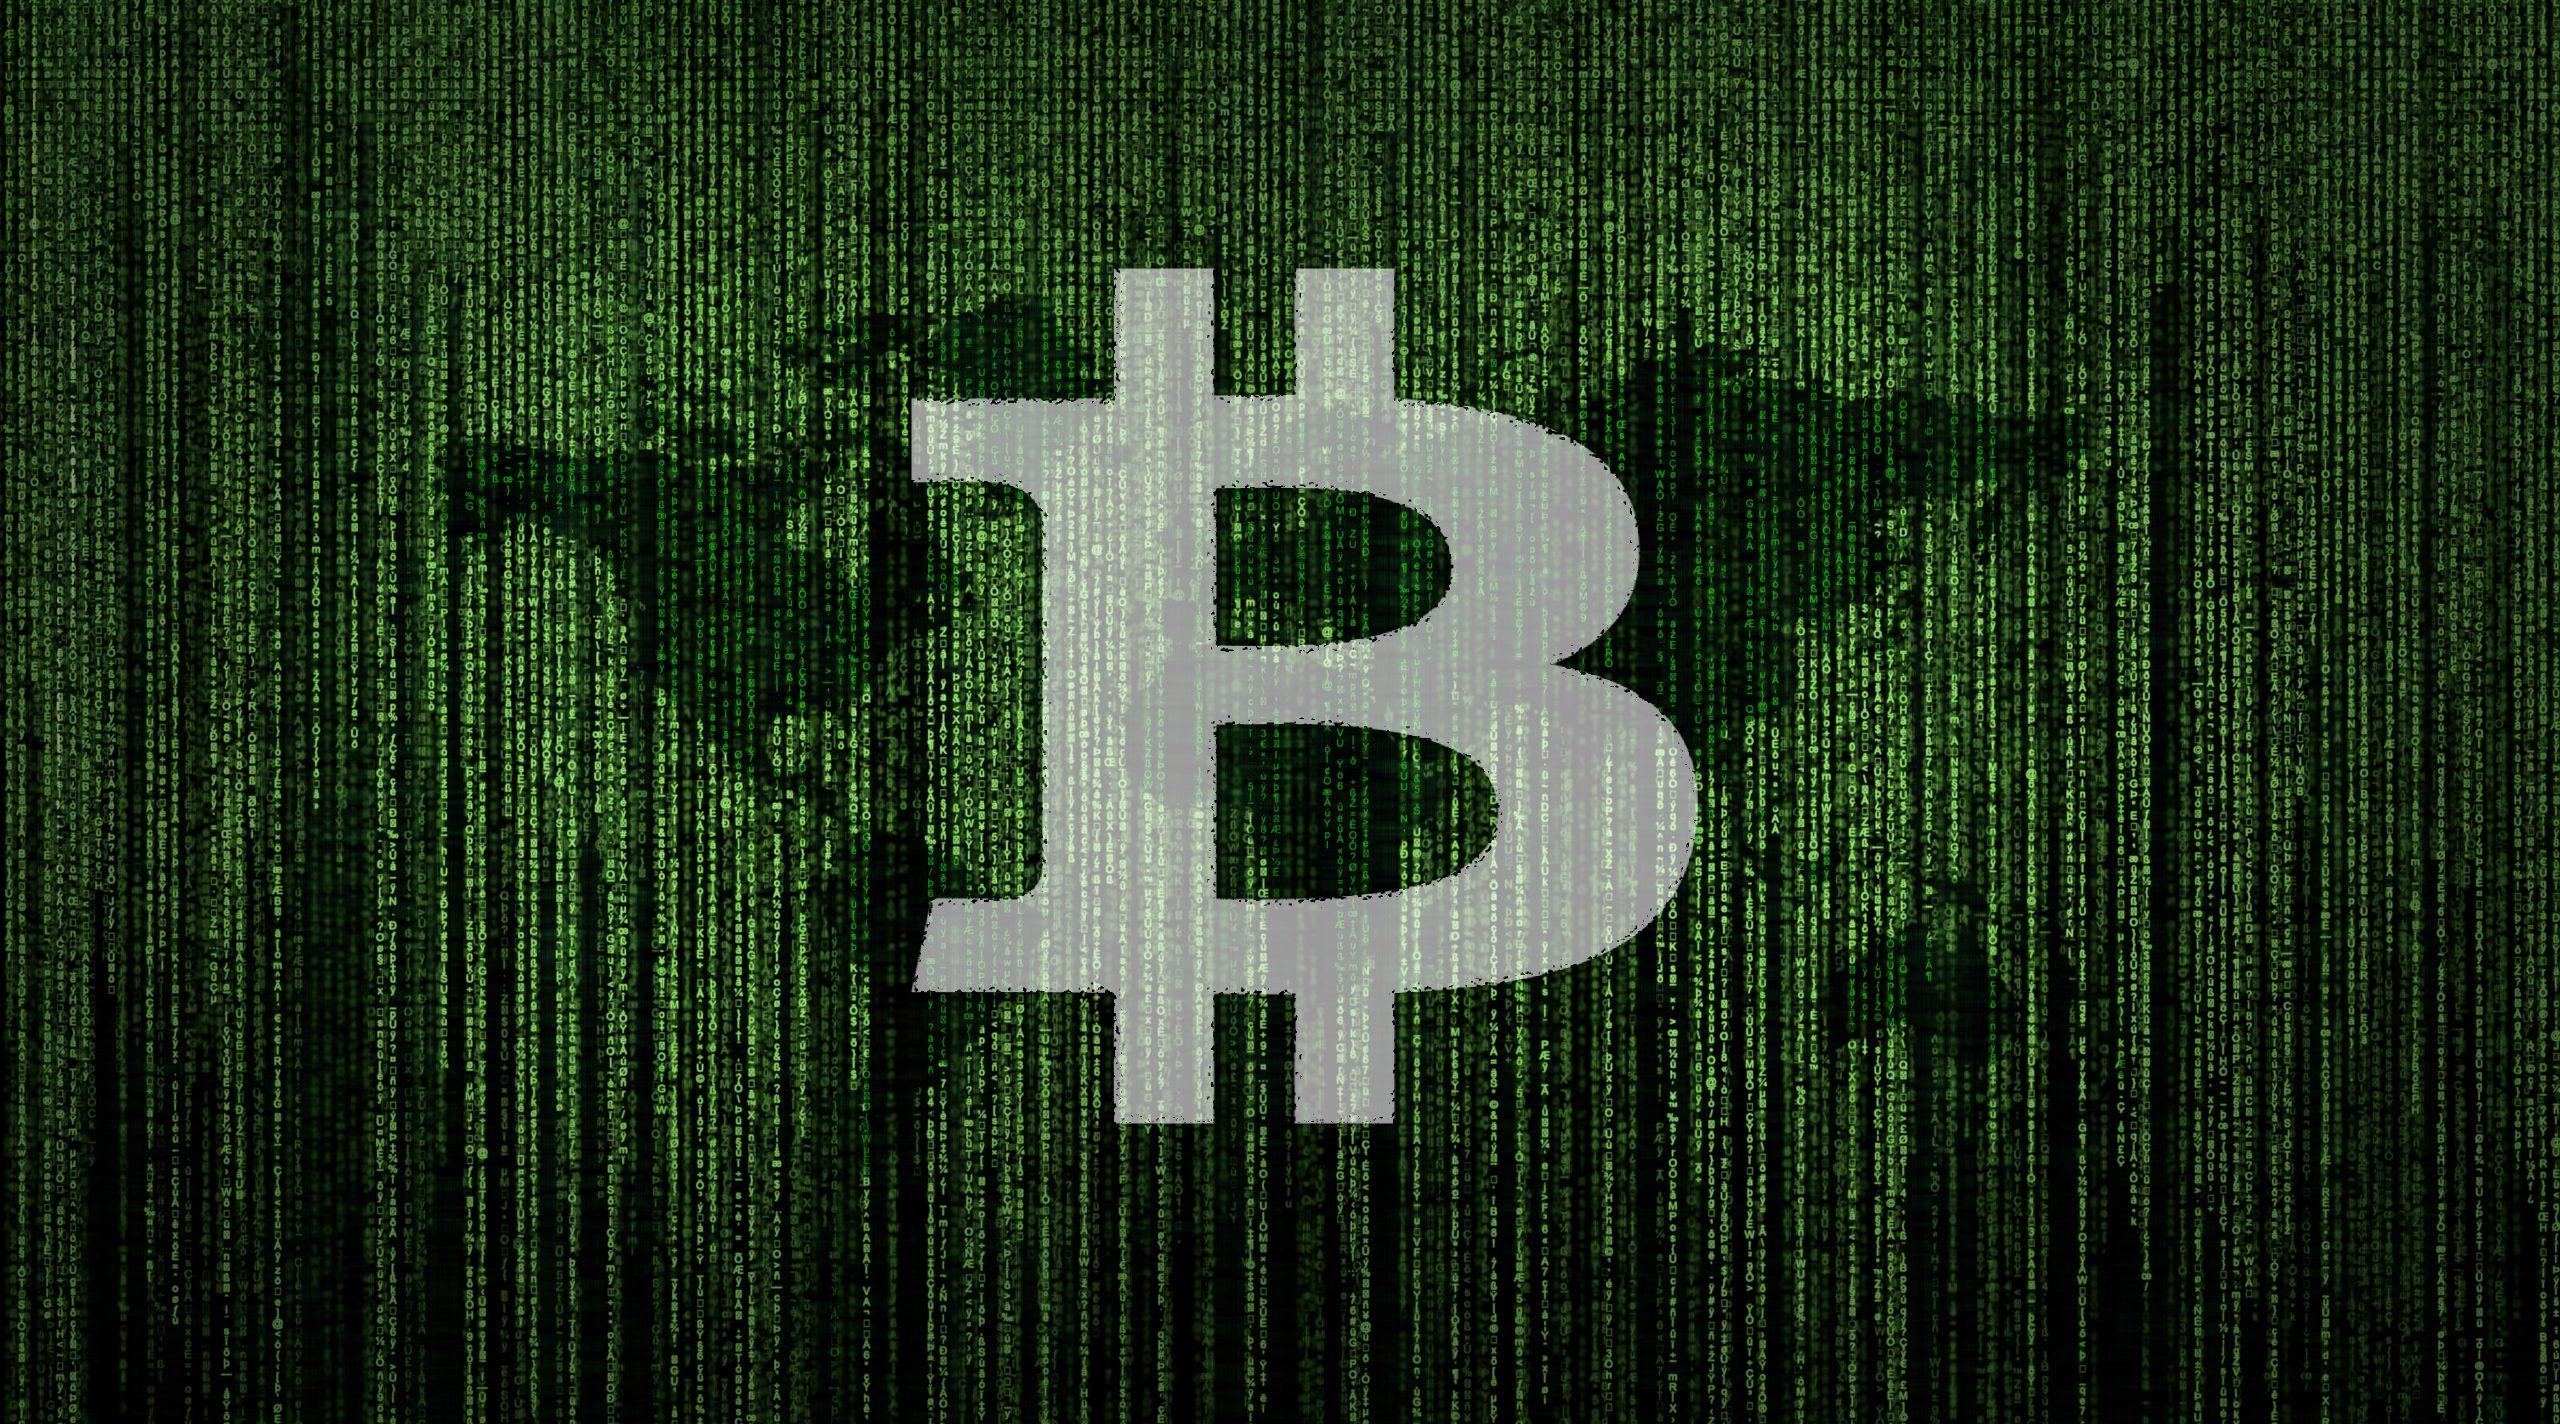 Bitcoin on world map